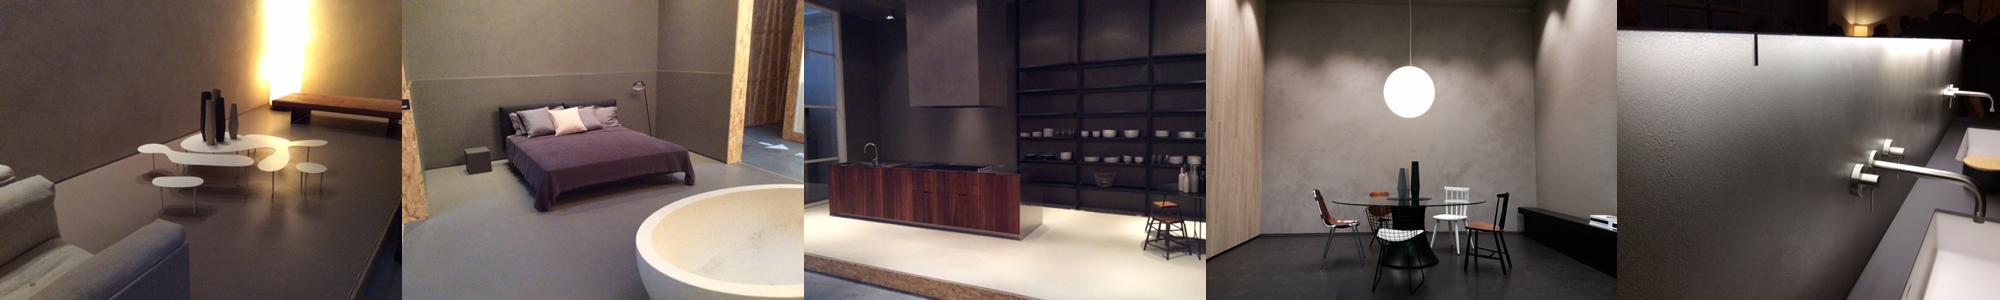 Sistemi decorativi ecocompatibili per ambienti interni di Manno Impresa Costruzioni Fondi Latina